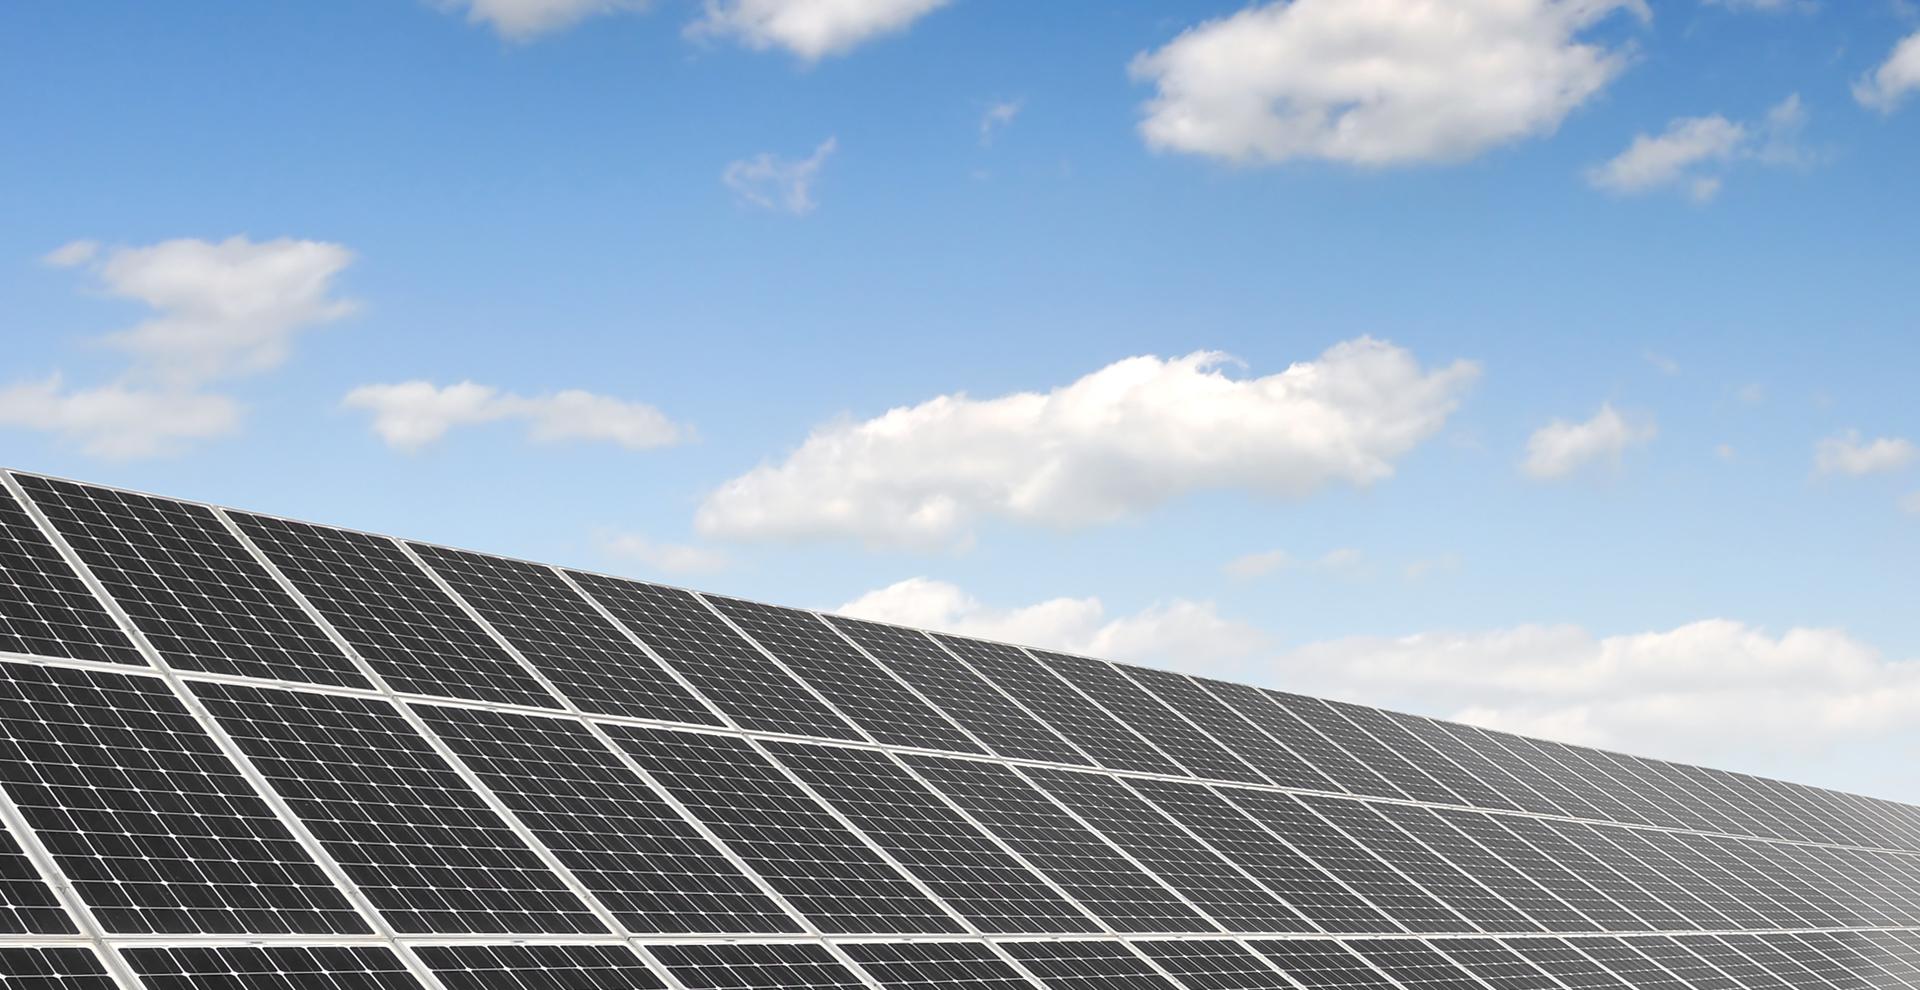 新電力 太陽光発電所